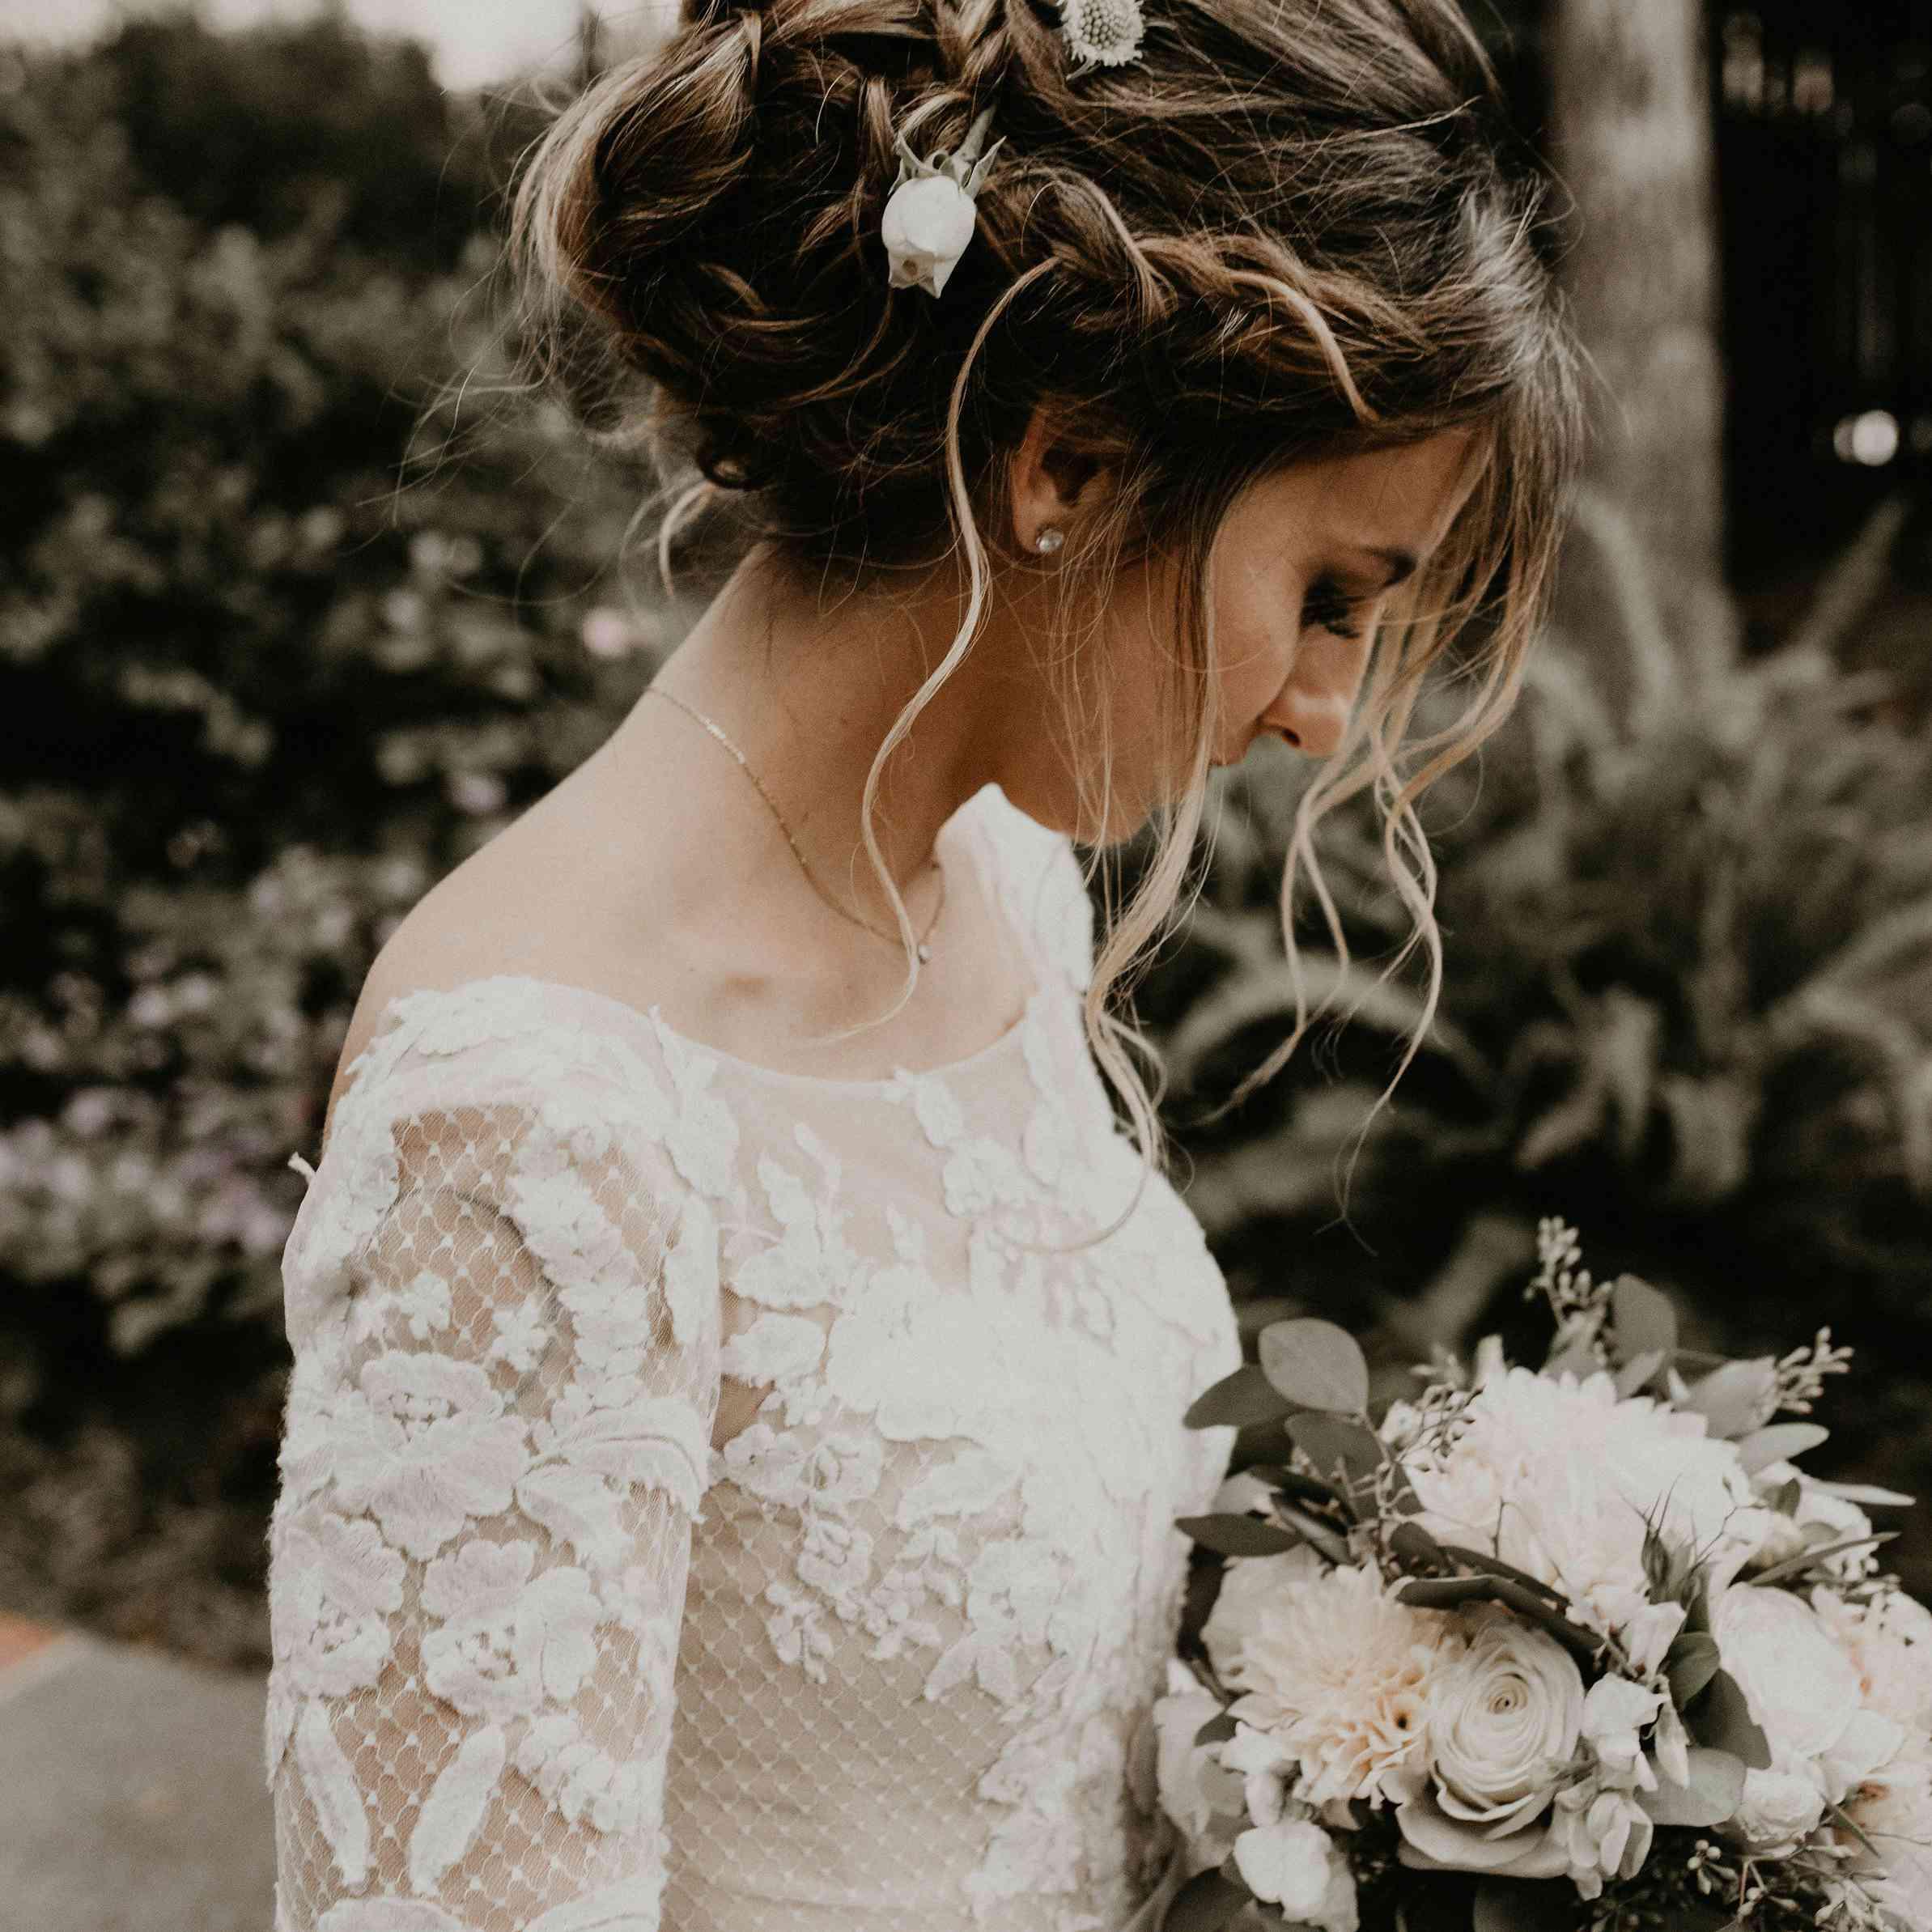 Elije el peinado de tu boda con los consejos de unaexperta